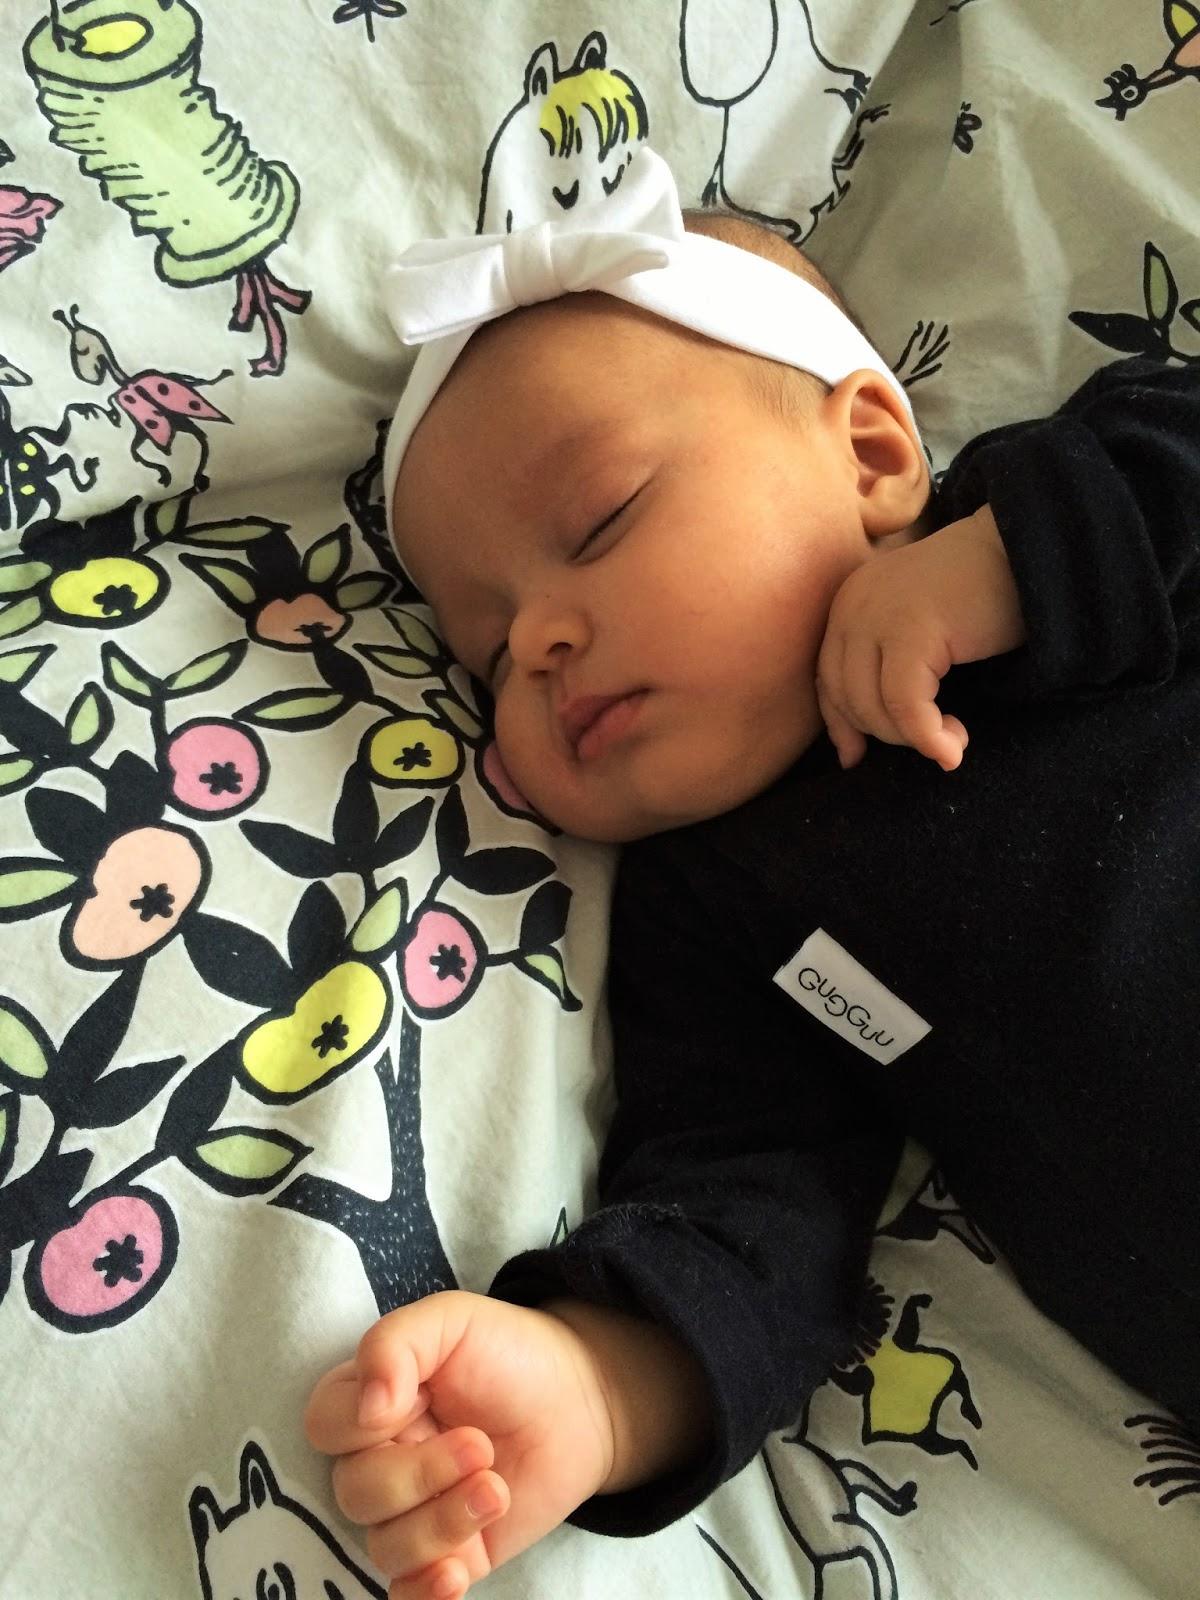 vauva ei nuku päiväunia